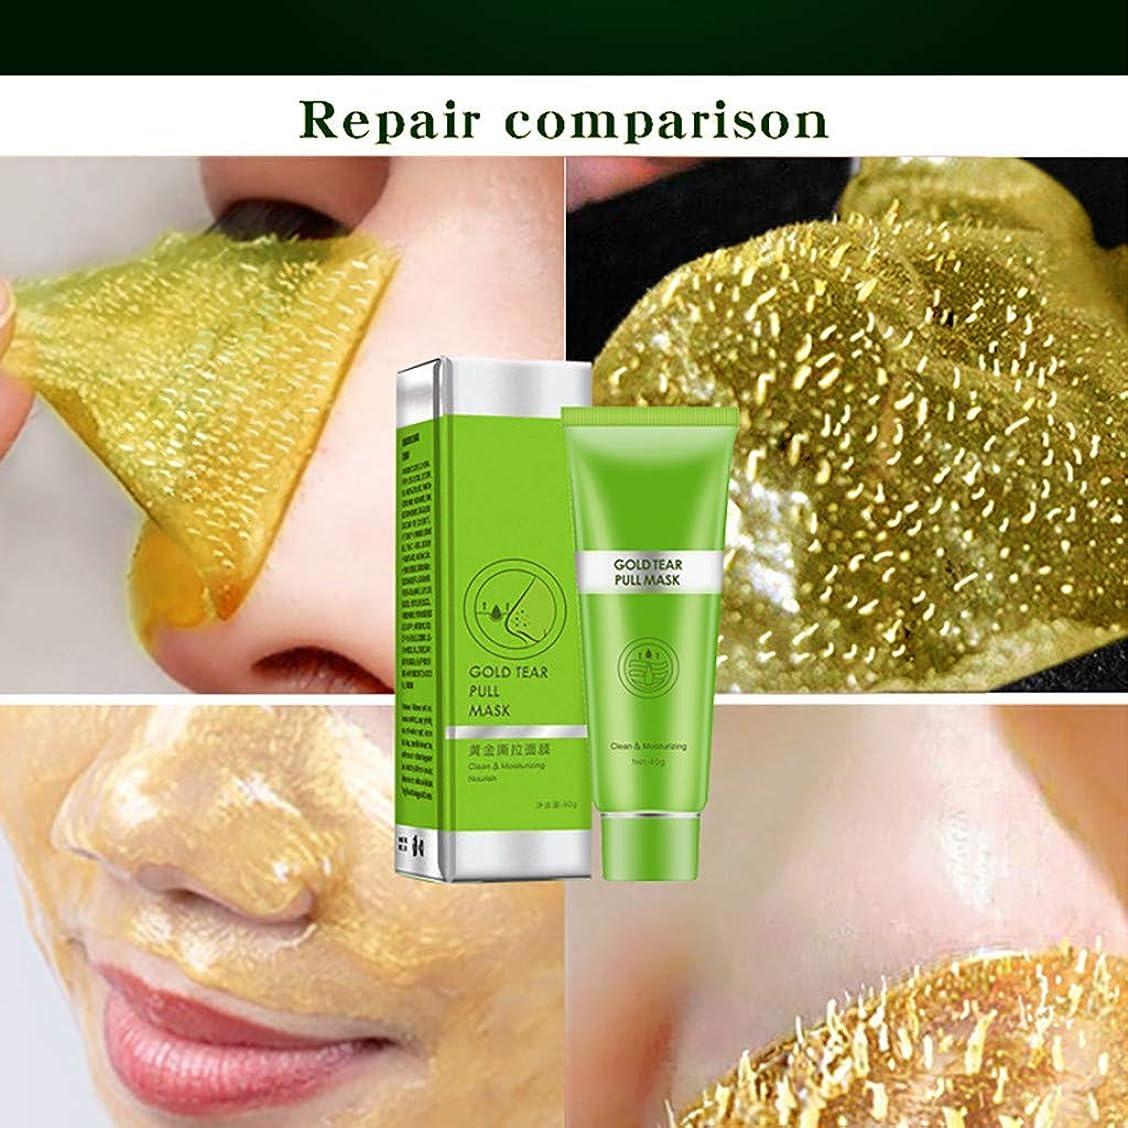 一口軽食思慮のないフェイスケアゴールドコラーゲンピールオフマスクゴールデンティアリングマスクディープクリーニングにきび除去筋肉保湿ピュアナリッシングシュリンクポア引き締めスキンケアFace Care Gold Collagen Peel off Mask Golden Tearing Mask Deep Cleaning Blackhead Acne Removal (2個/2Pcs)